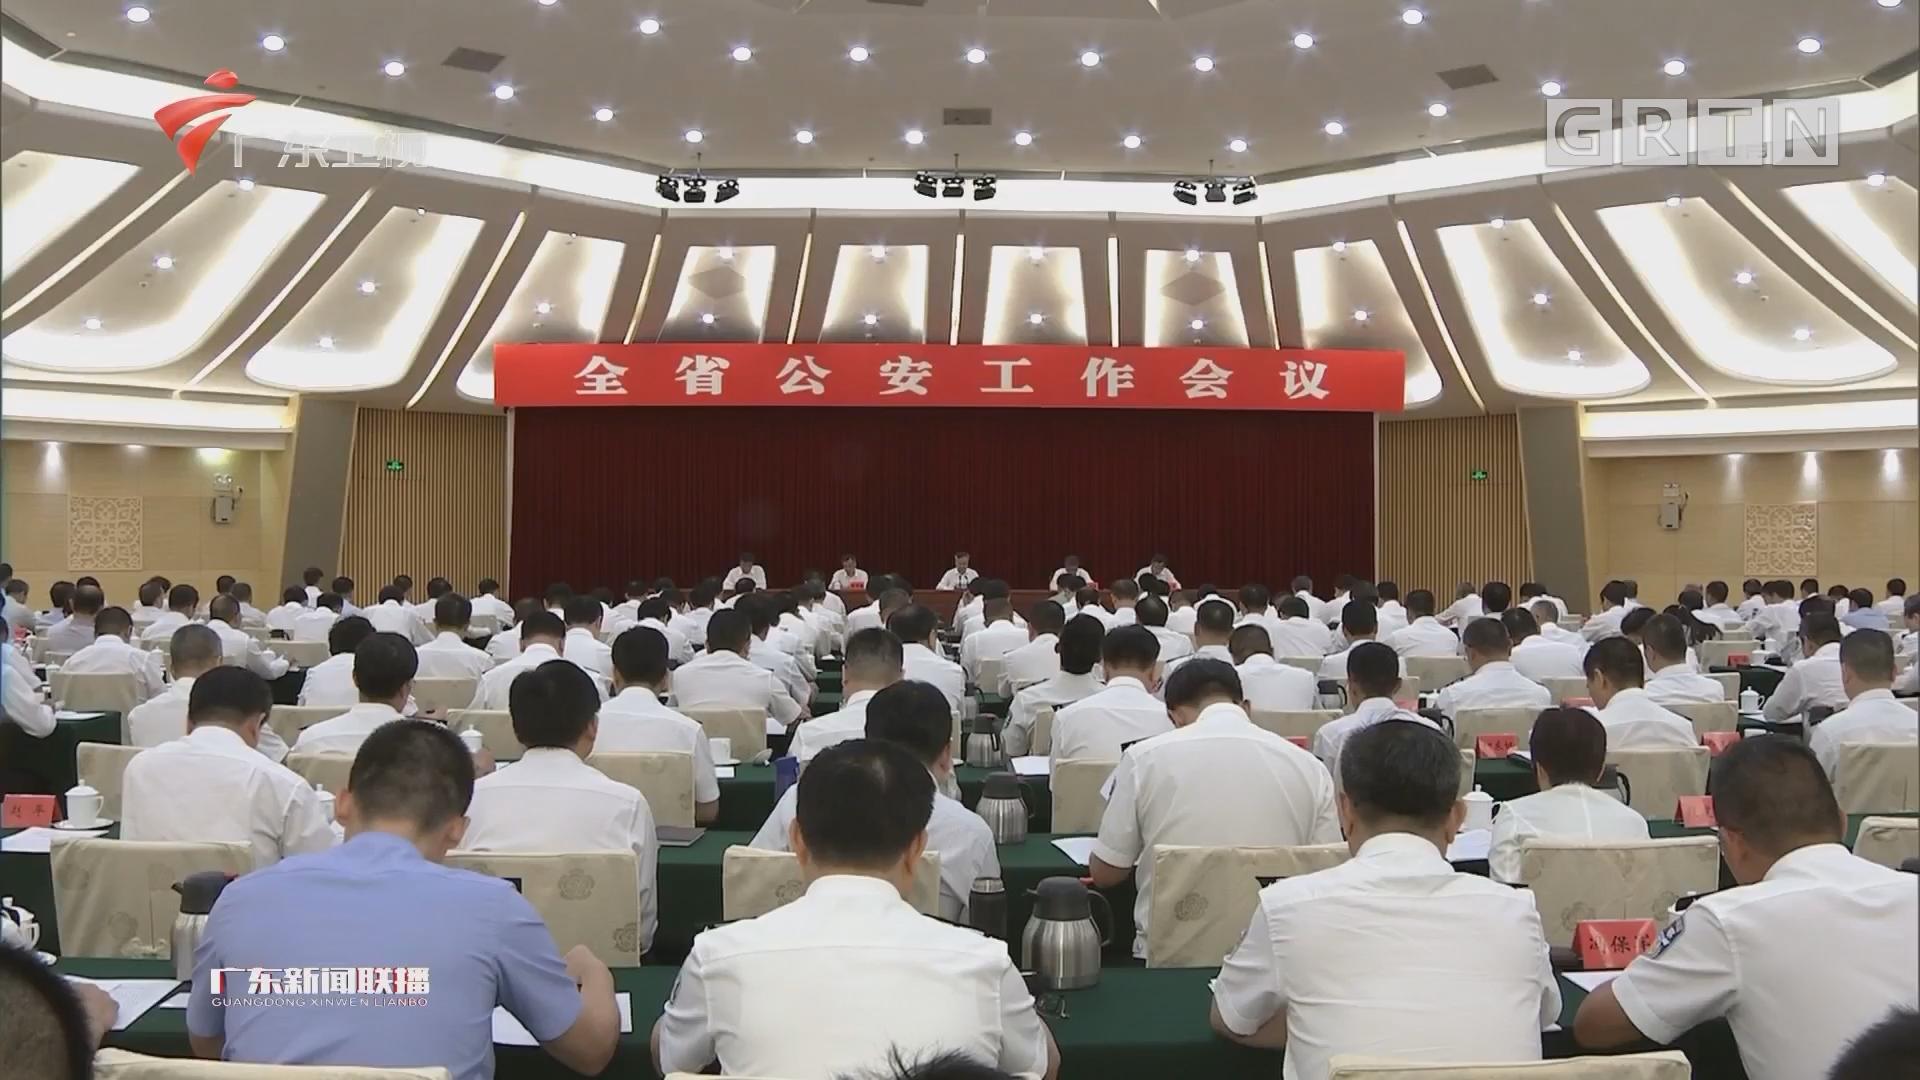 全省公安工作會議在廣州召開 李希出席并講話 馬興瑞主持